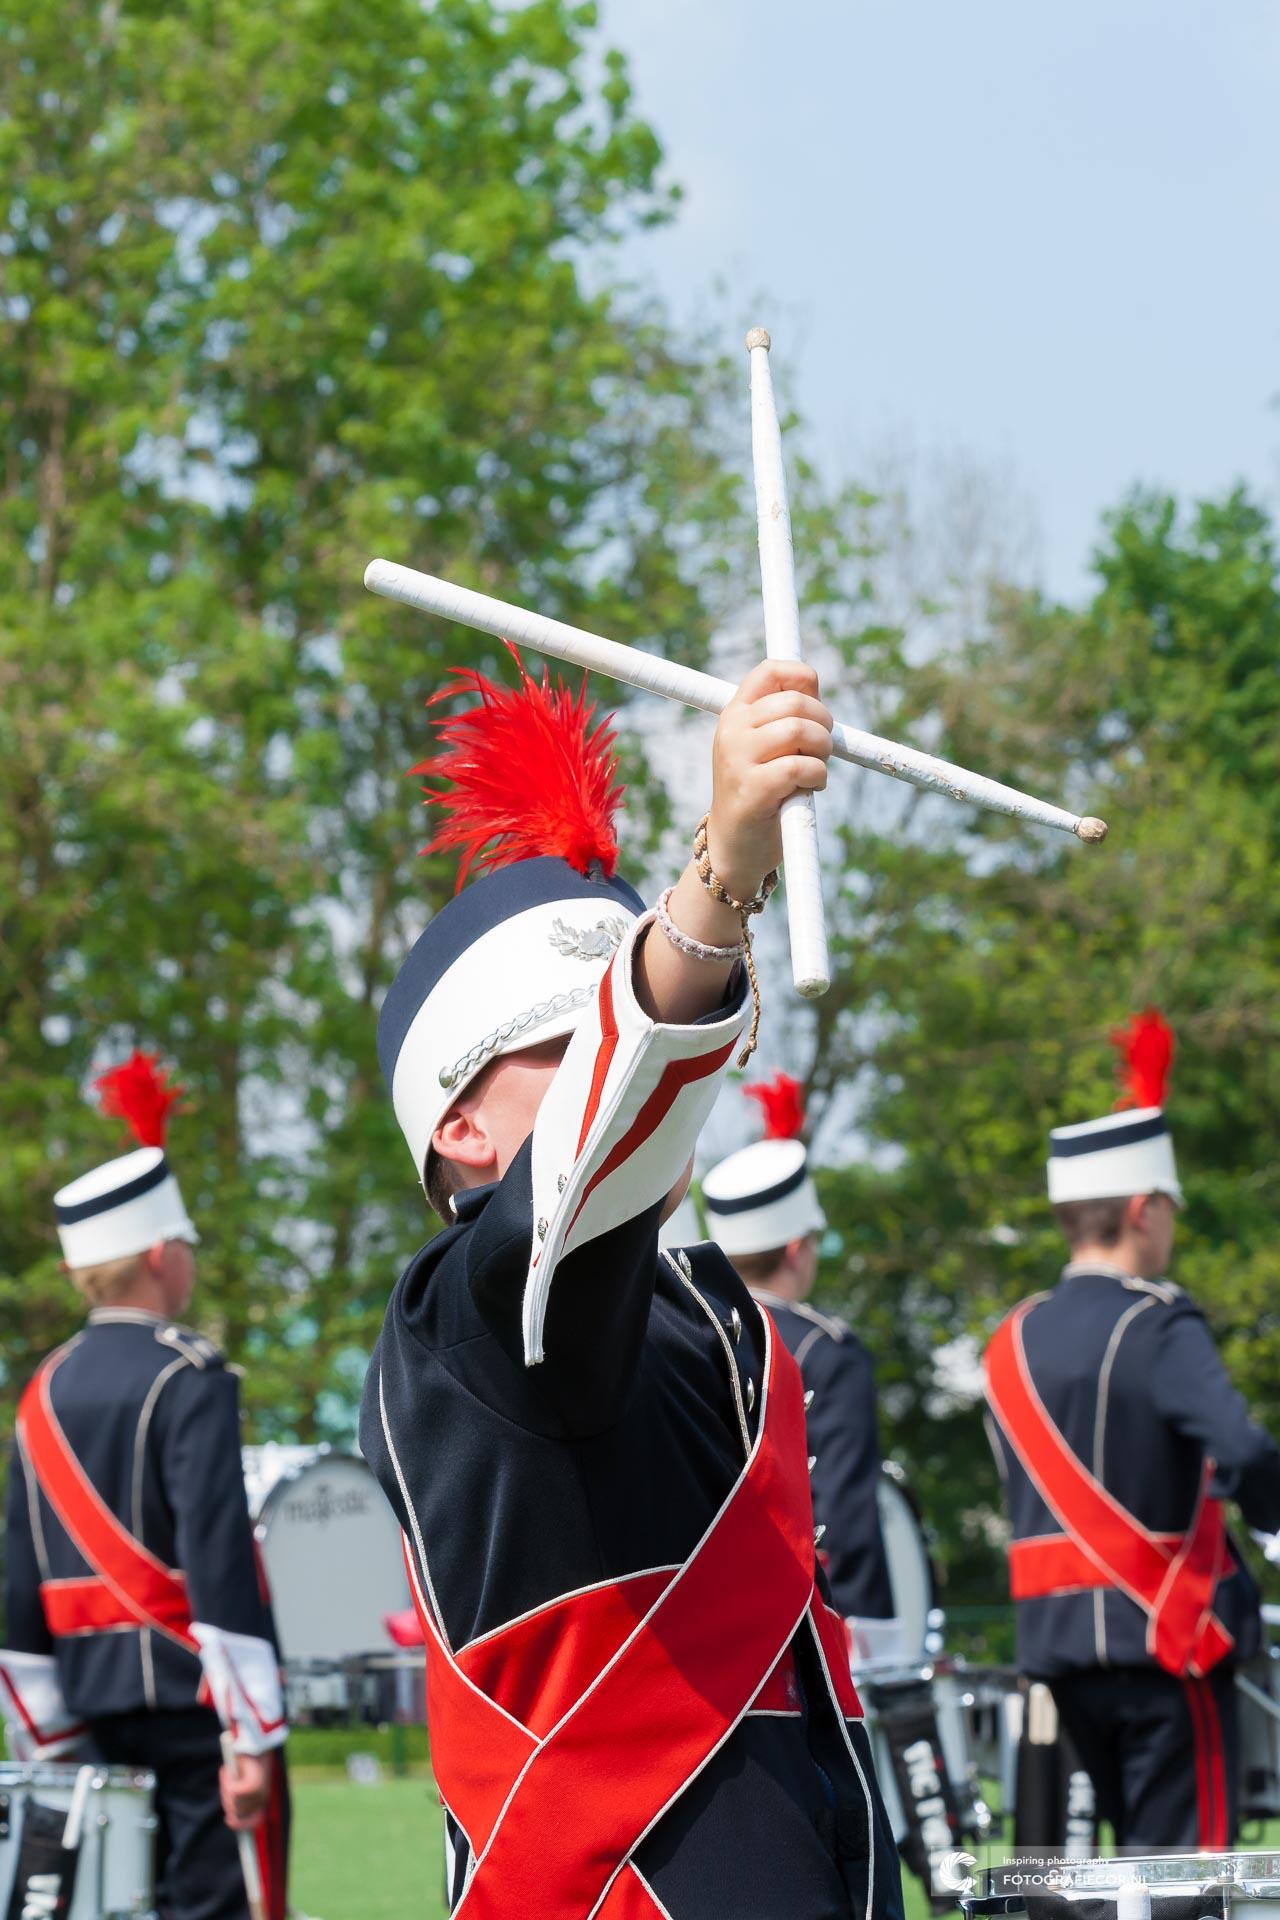 Jong KTK | Jubileum | wij zijn | jeugdkorps | Event| fotograaf | © Fotografiecor.nl